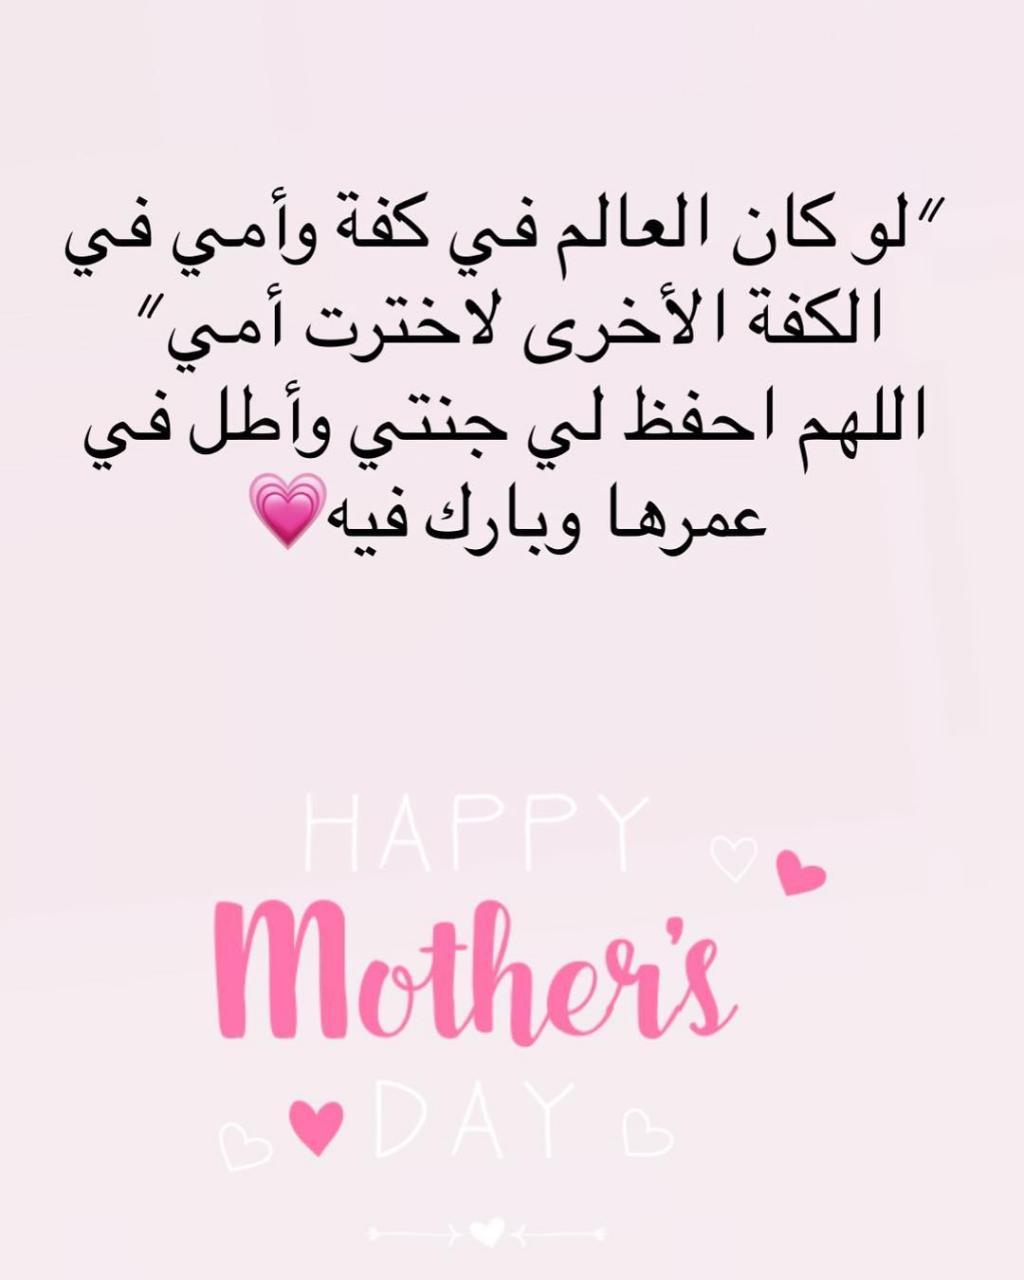 صورة كلام عن الام في عيد الام , اكبر معانى العطاء والحنان